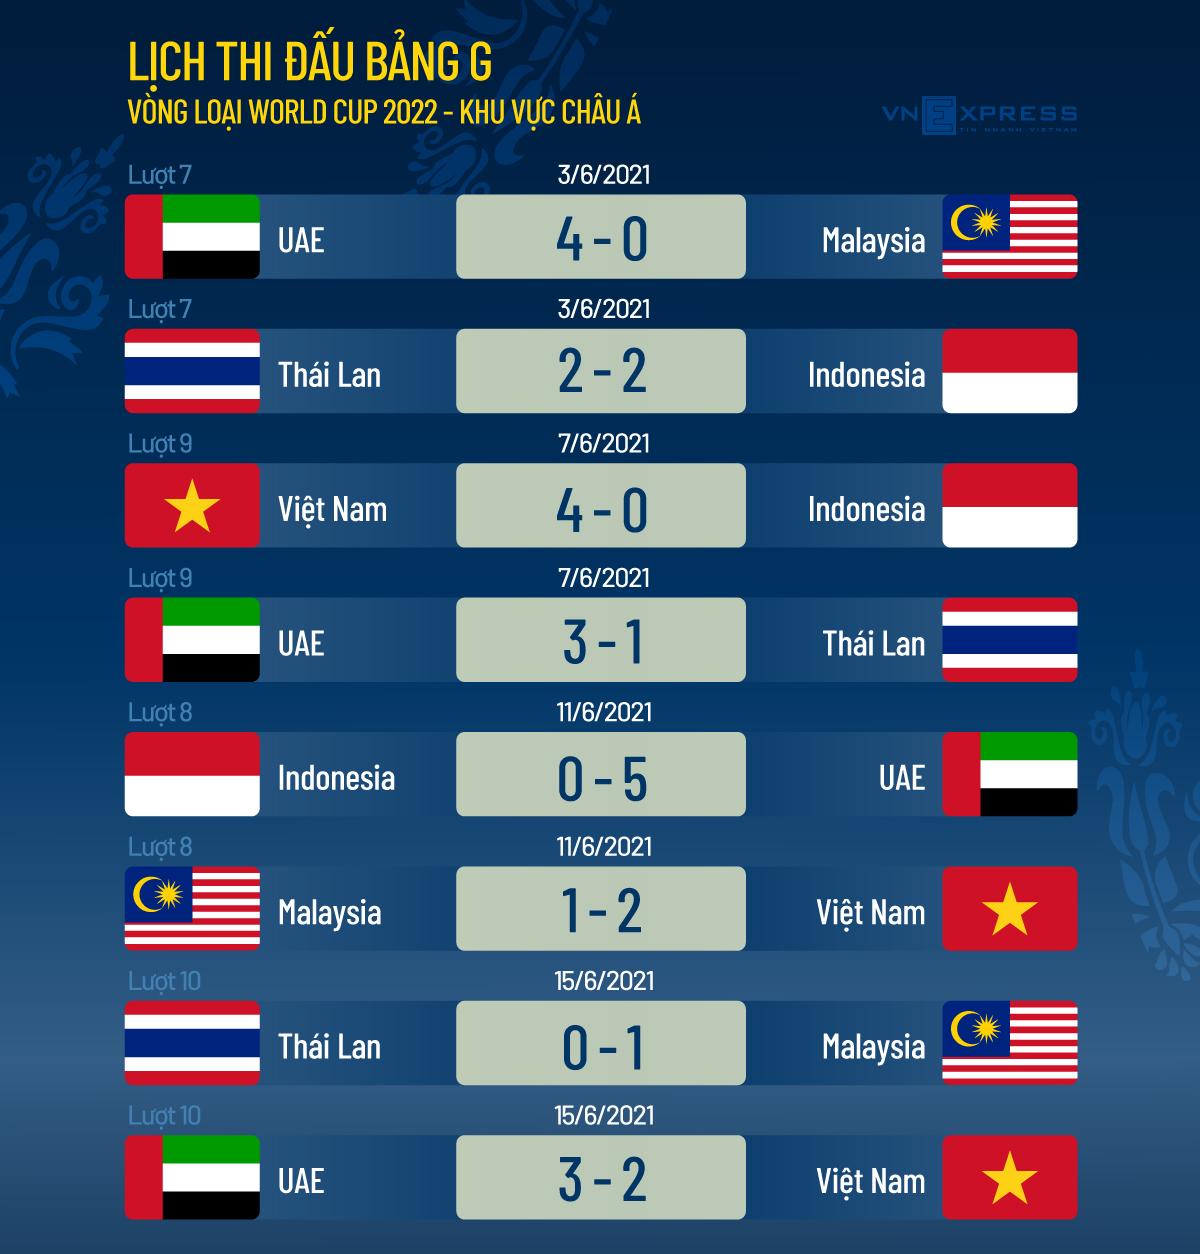 Khi nào Việt Nam đá vòng loại cuối cùng World Cup 2022? - 2